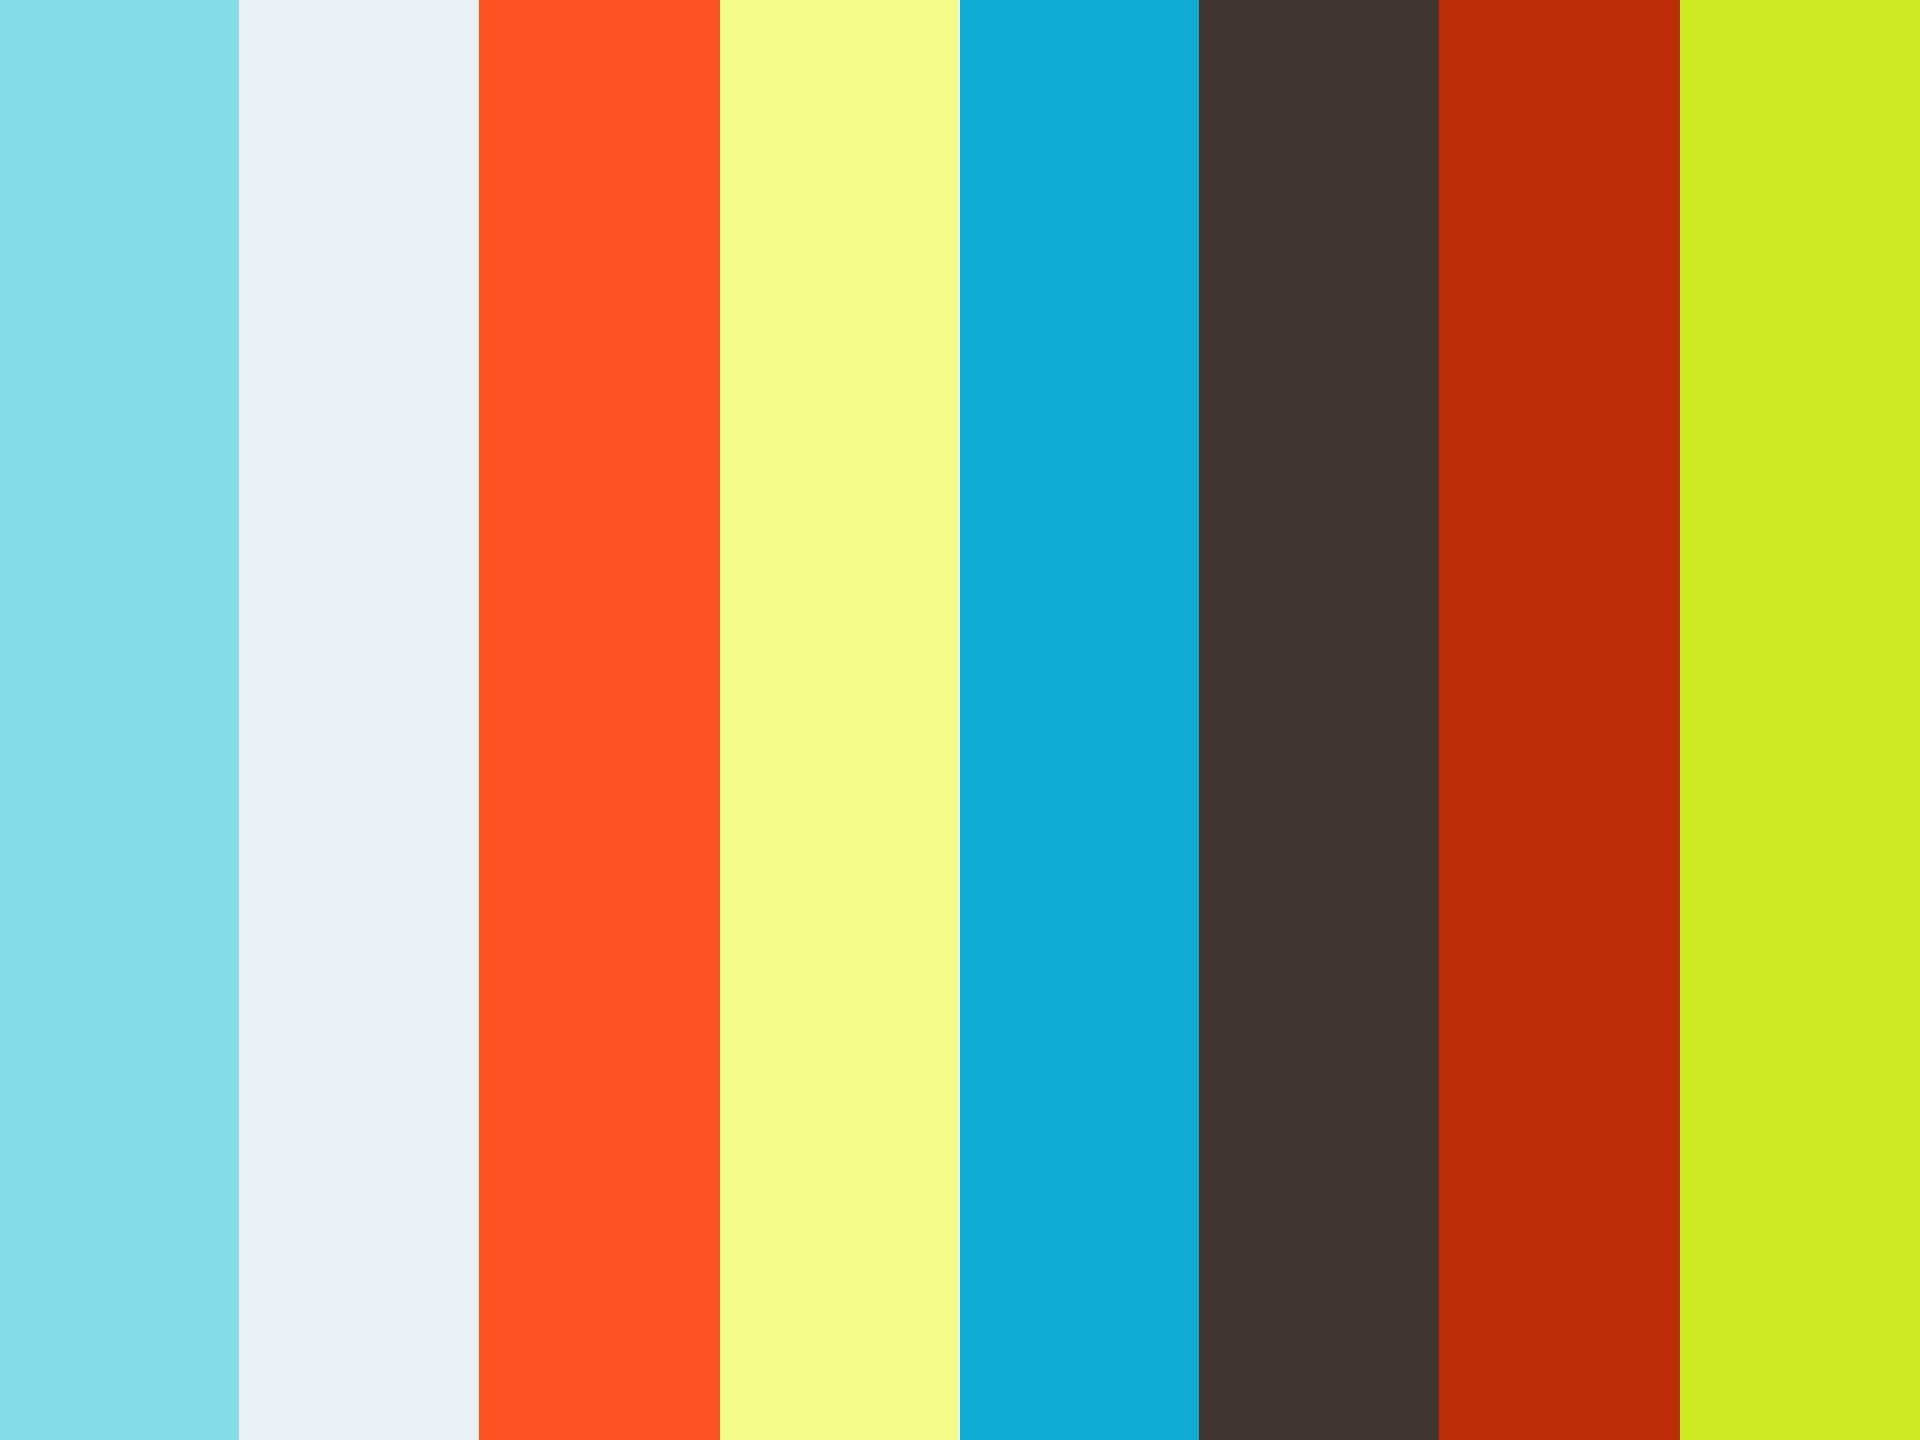 【無料公開】第16回 日本顕微鏡歯科学会 学術大会:古澤成博先生:基調講演 精密歯科治療を極める Part1 全体紹介